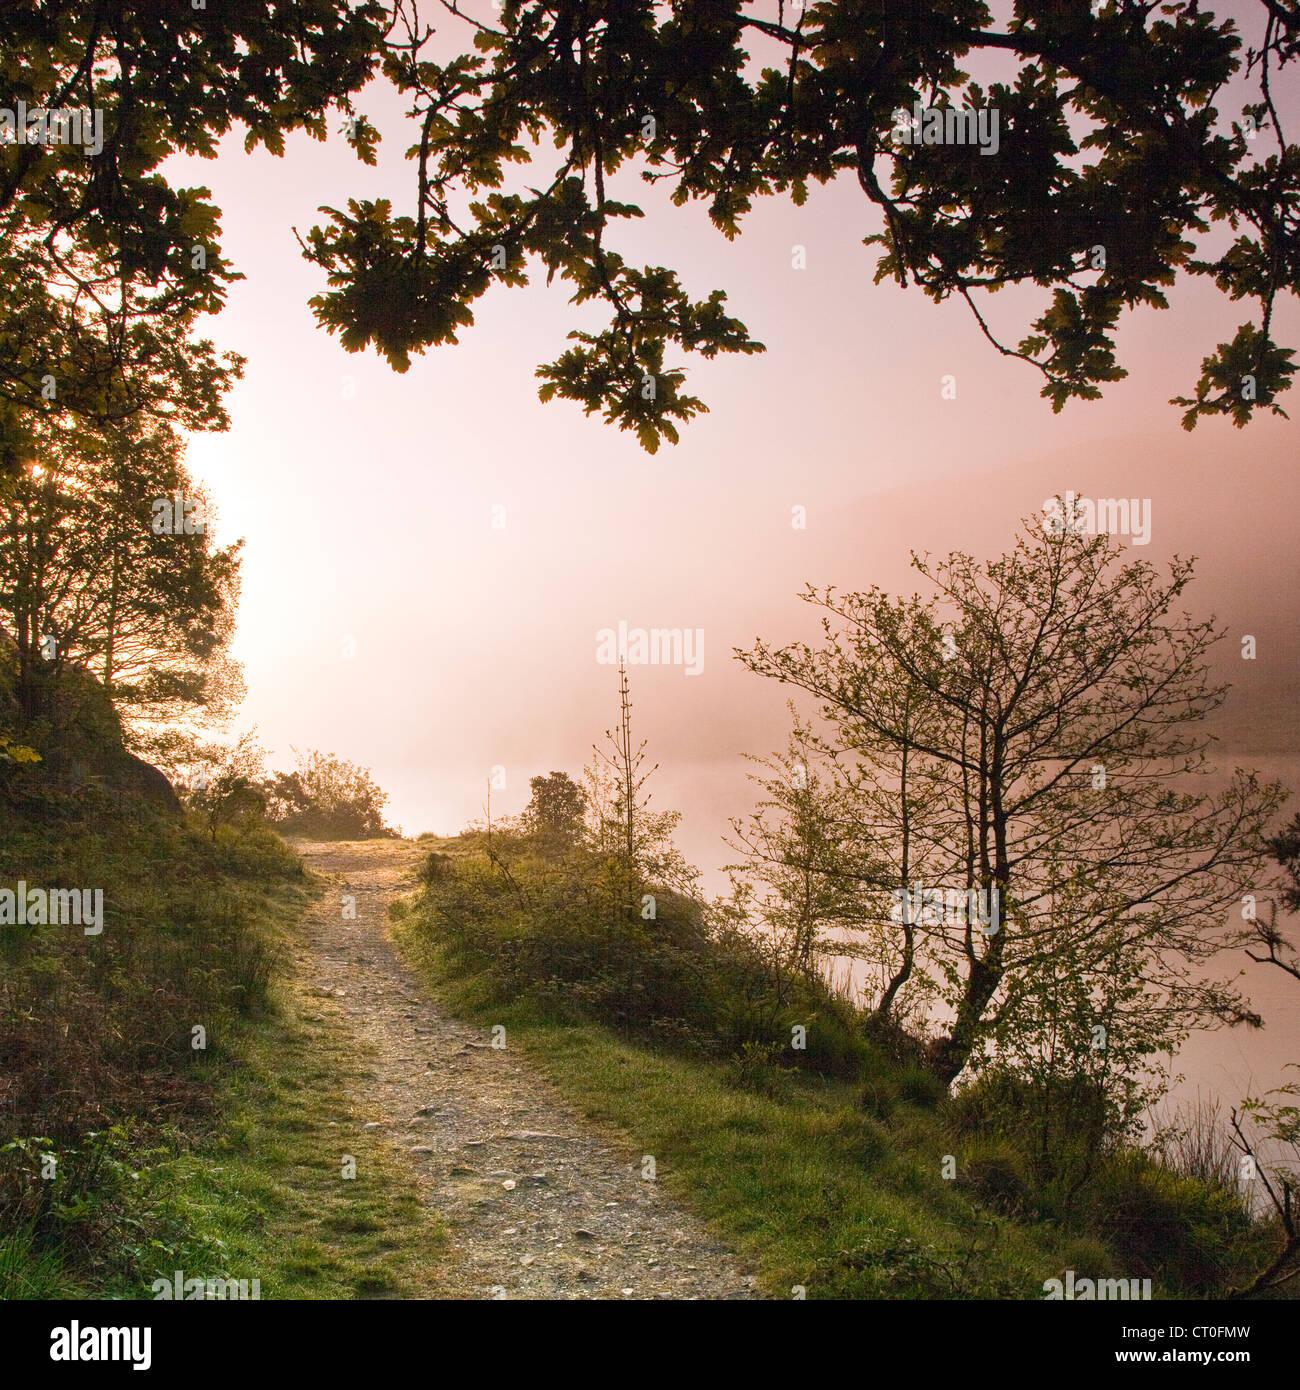 Misty Dawn esquina sureste del lago en el Dinas Llyn Nantgwynant Valley el Parque Nacional de Snowdonia Gwynedd al norte de Gales, Reino Unido, tarde S Foto de stock